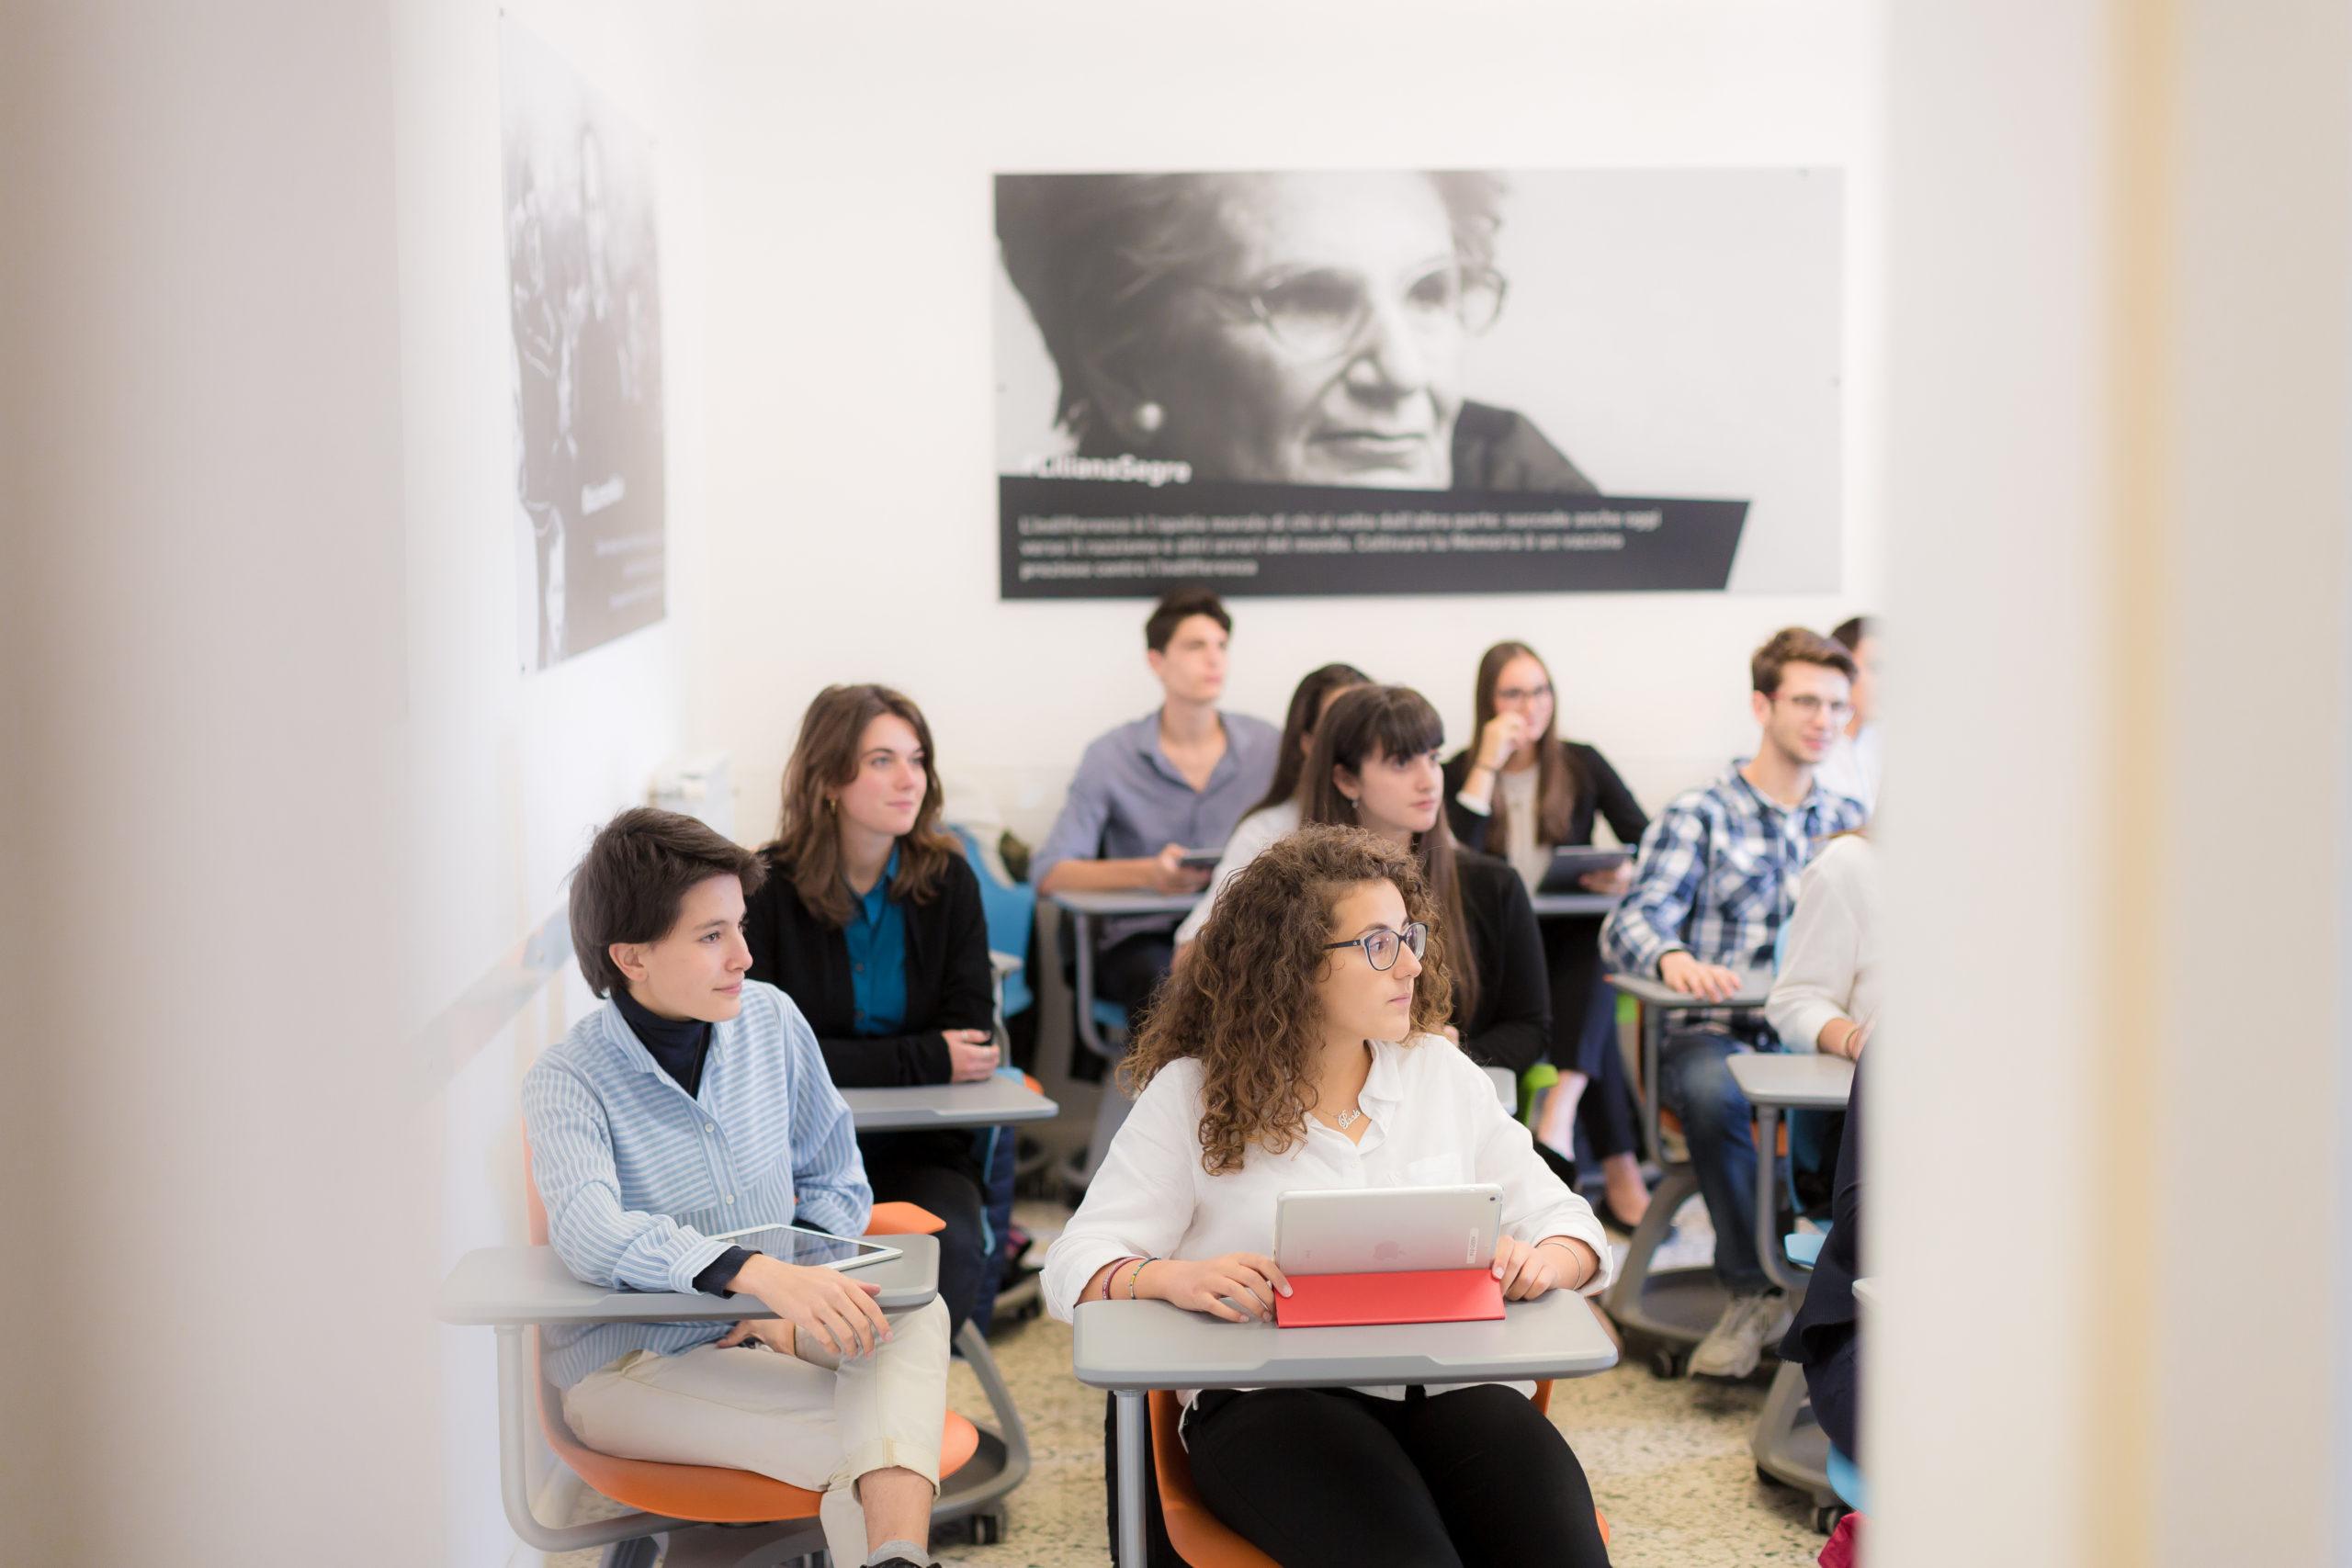 Quarto Anno Rondine: Oltre il deserto delle nostre classi i giovani devono tornare a fiorire. È la nostra missione al fianco della scuola italiana.